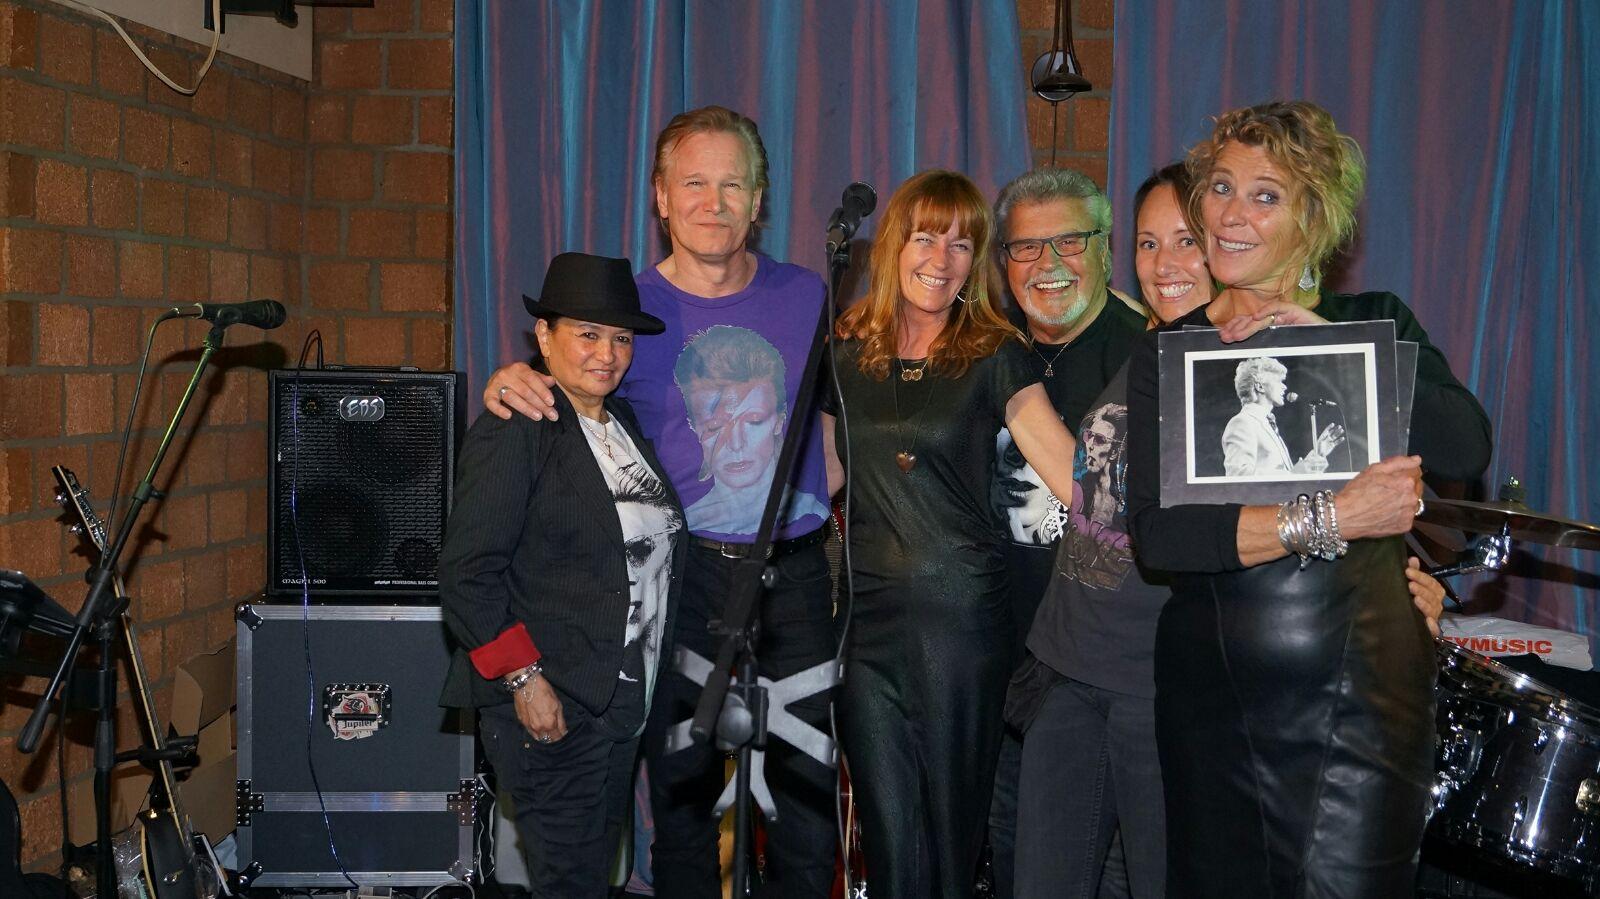 Groepsfoto genomen na een optreden op 30-04-2016 voor de ALS stichting in cafe de Dijk te Hellevoetsluis